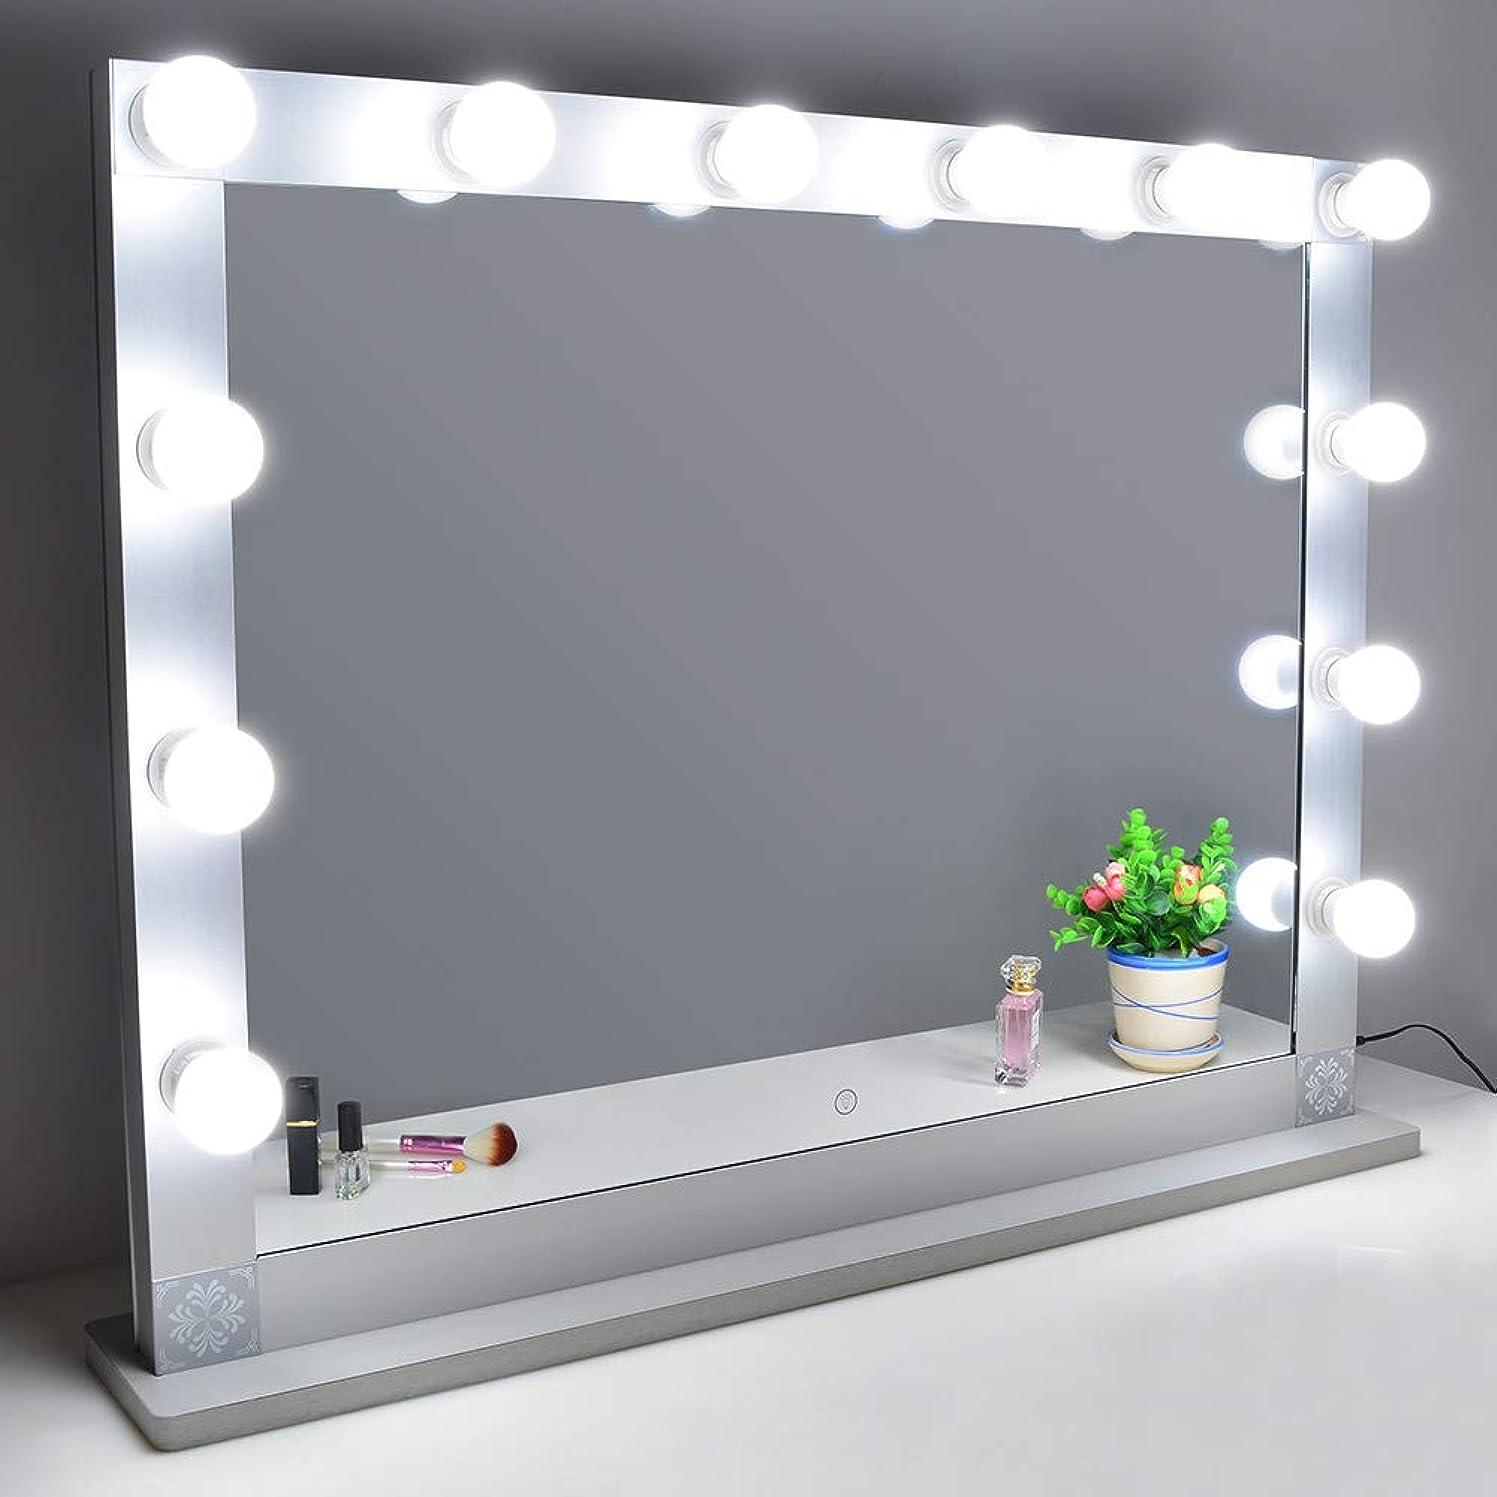 プレミアチップなるNitin 女優ミラー 大型化粧鏡 ハリウッドミラー 12個LED電球付き 無段階調光 スタンド付き USB差込口付き 卓上ミラー 女優ライト ドレッサー/化粧台に適用(85*66.5cm)